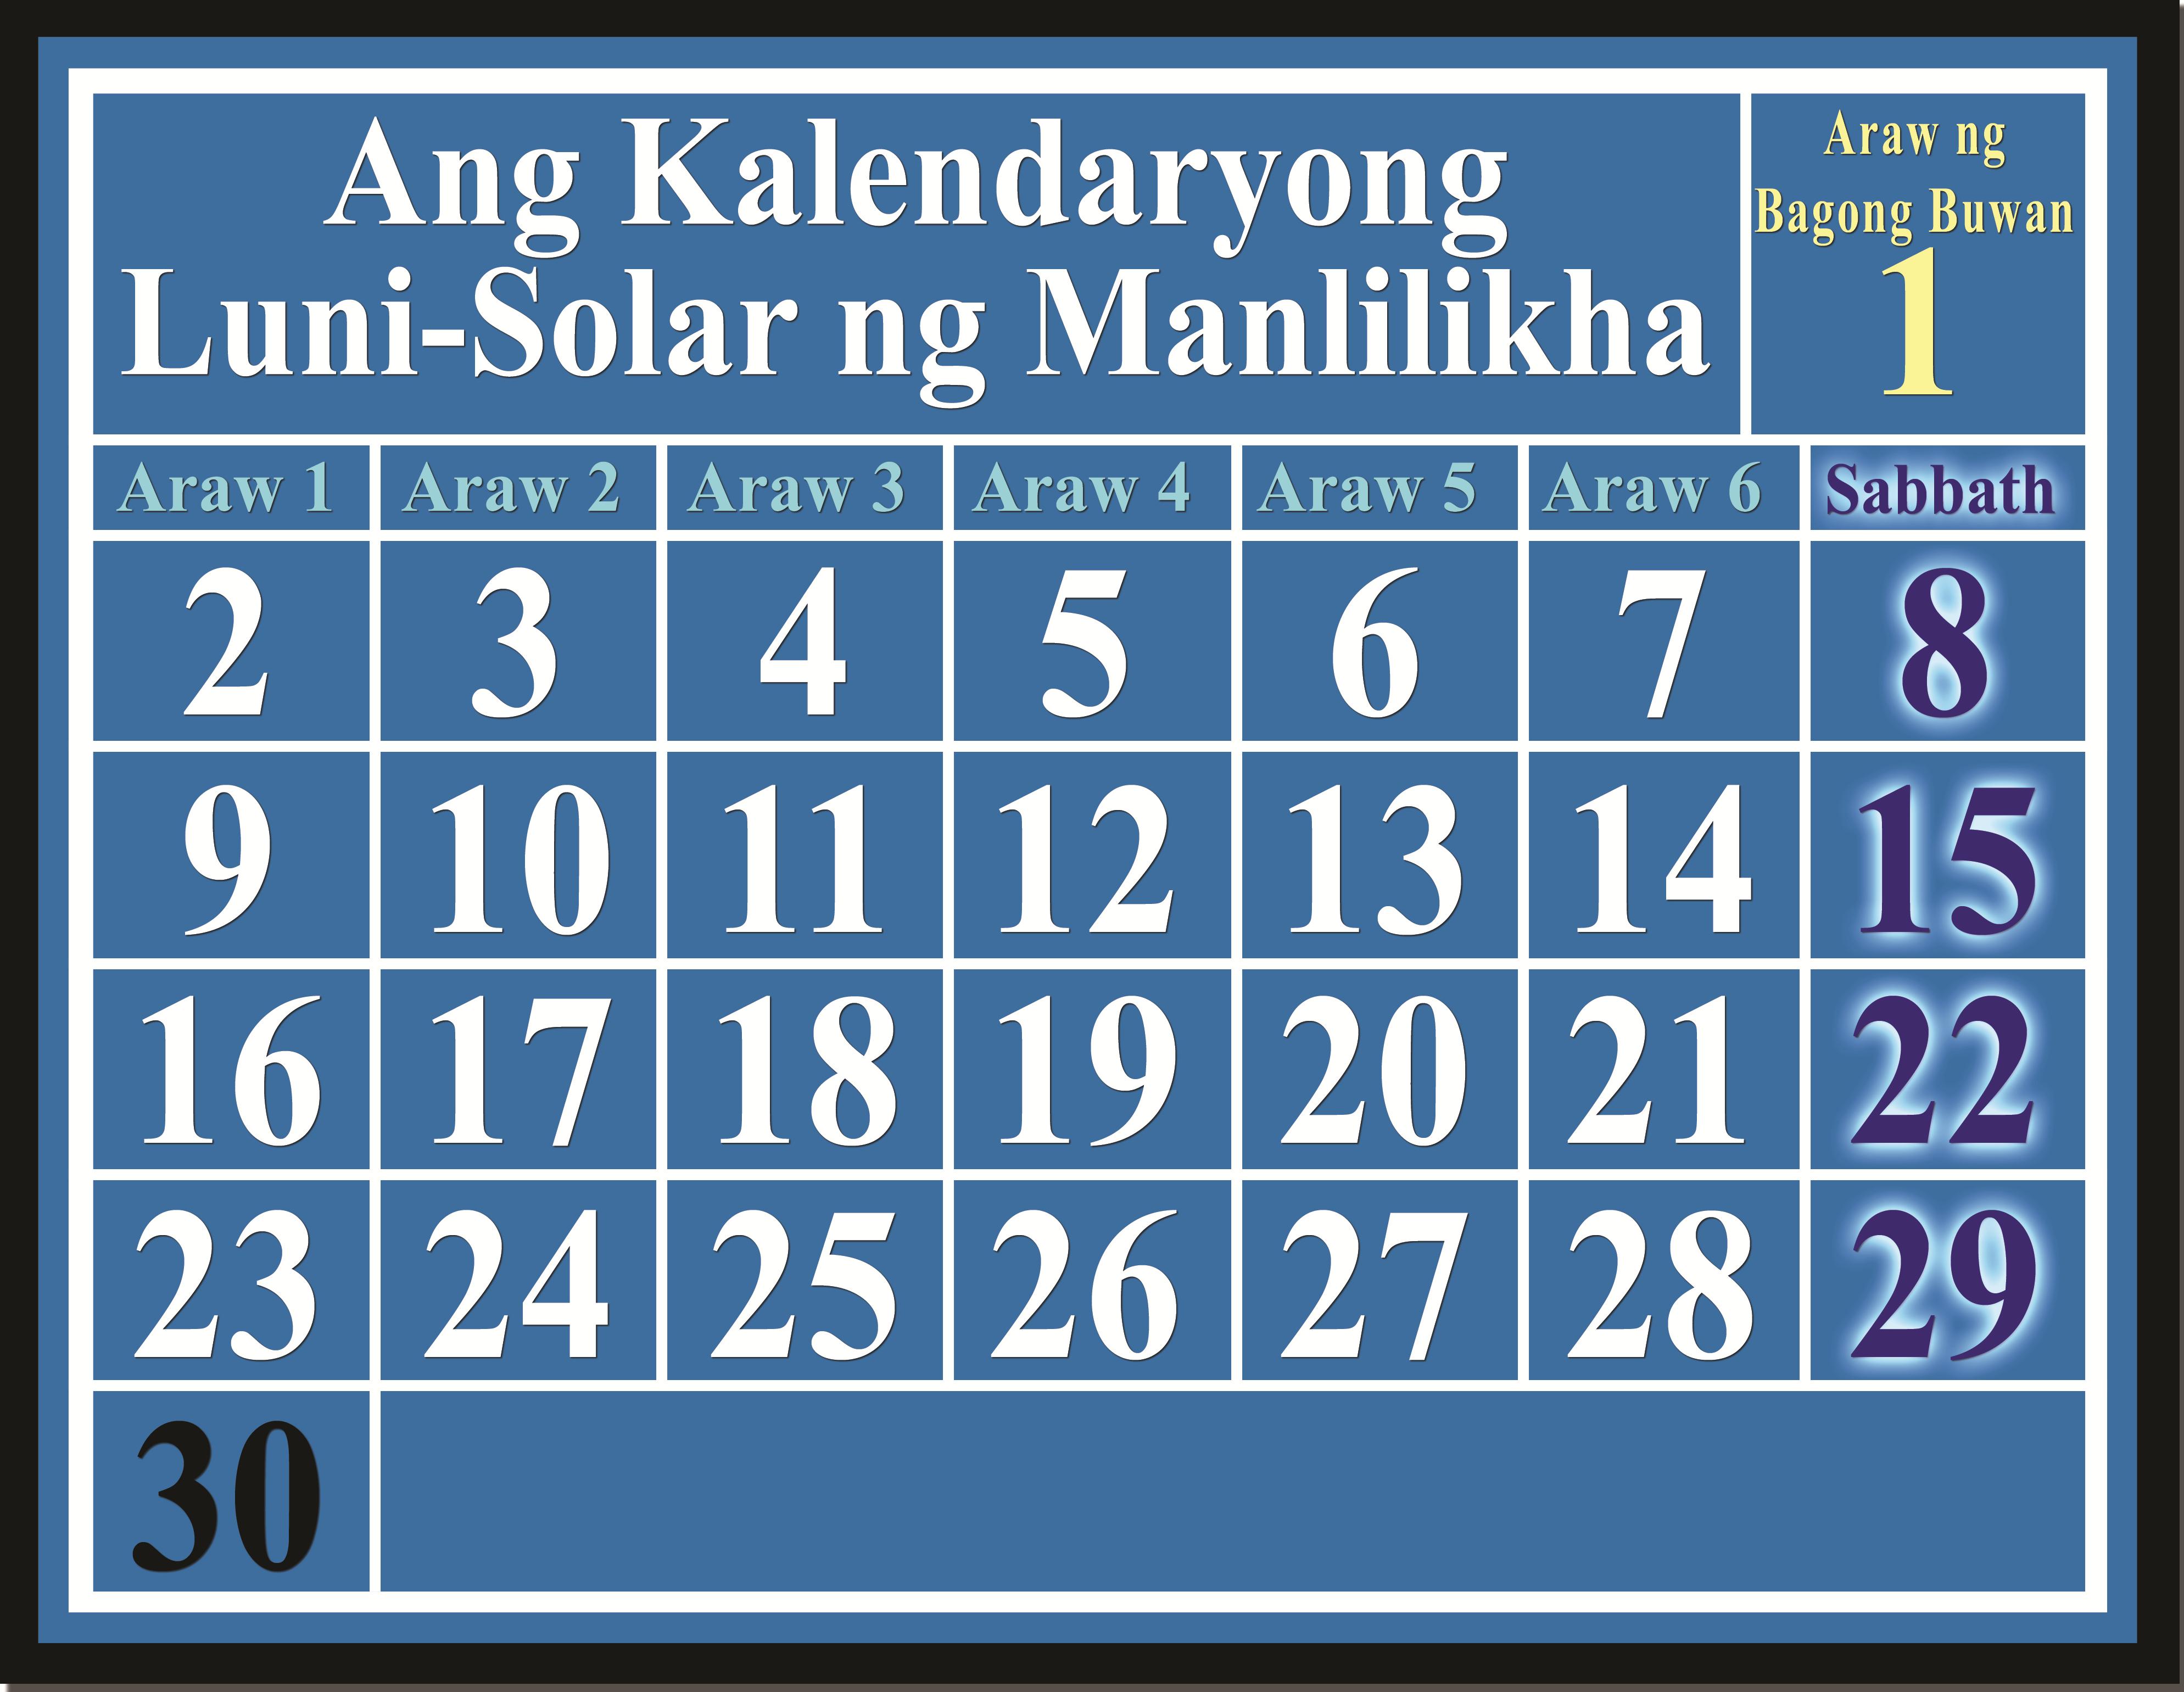 Kalendaryong Luni-solar na nagpapakita ng Araw ng Bagong Buwan at mga Sabbath